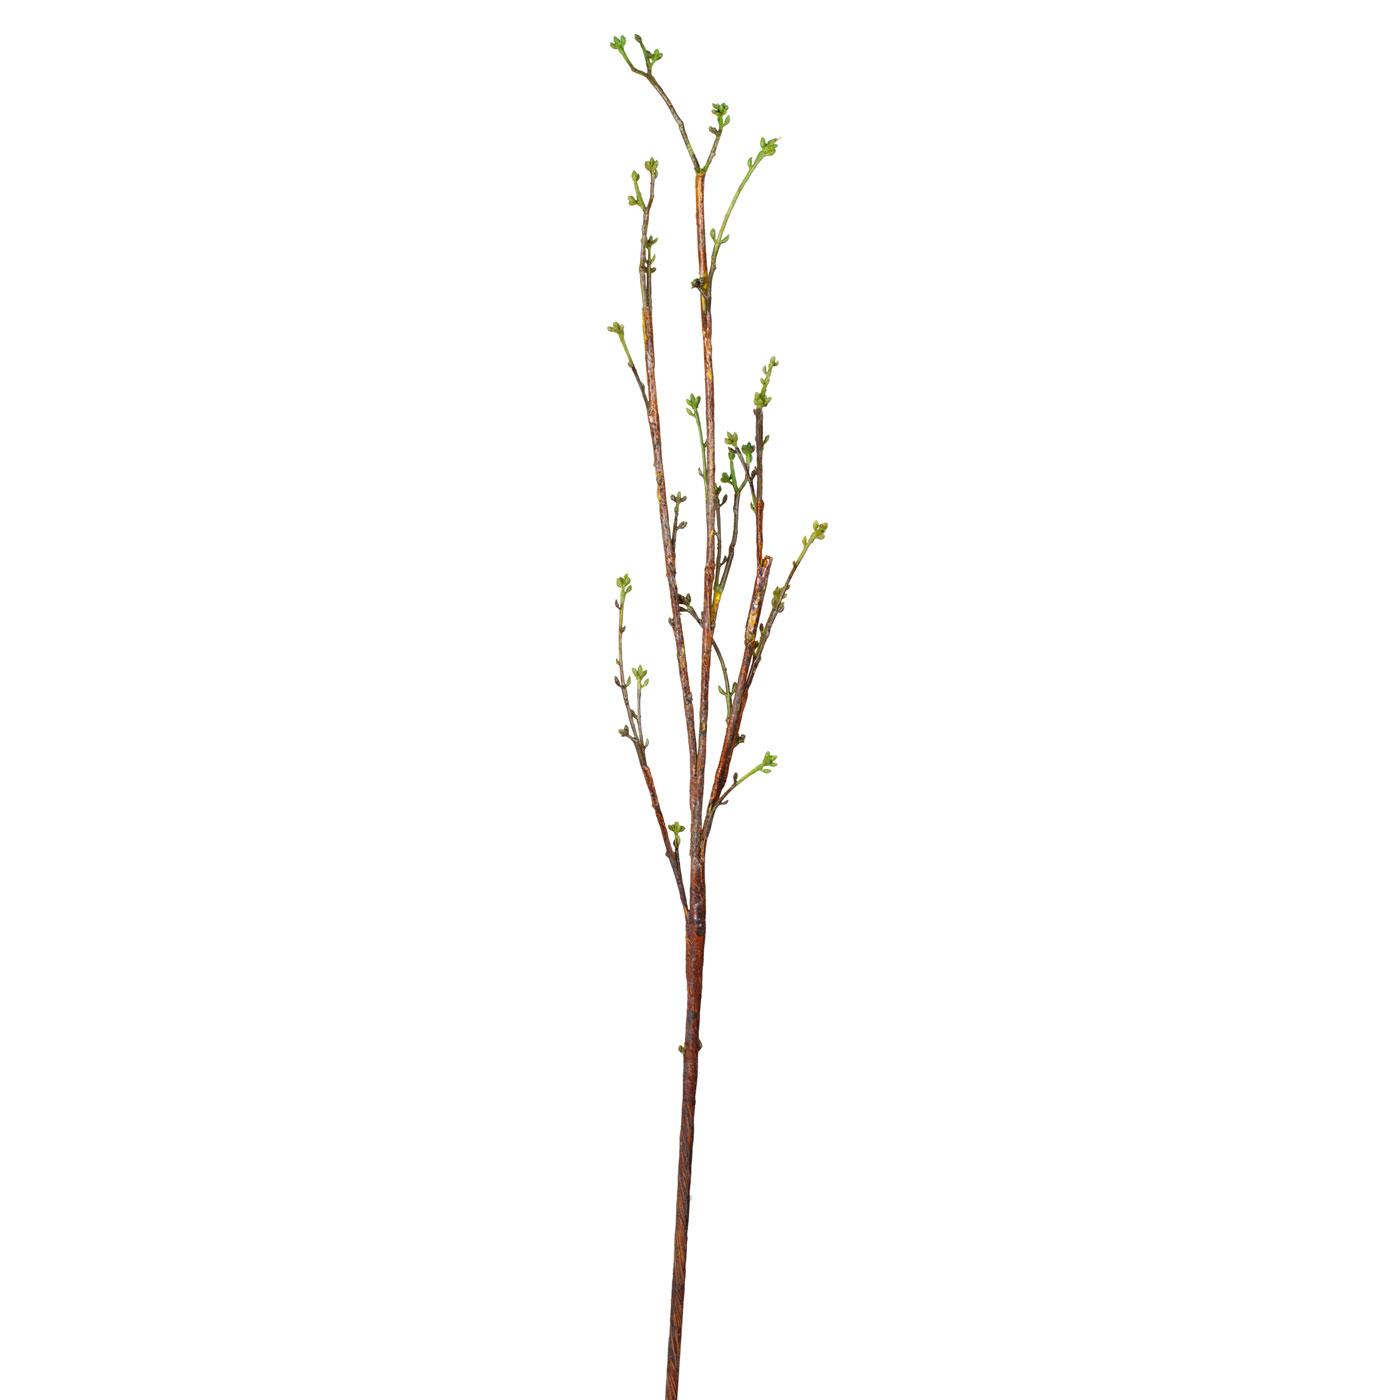 Купить Искусственные растения Home Philosophy, Искусственное растение Ветка С Почками Цвет: Зелёный (114 см), Китай, Зеленый, Коричневый, Полимер